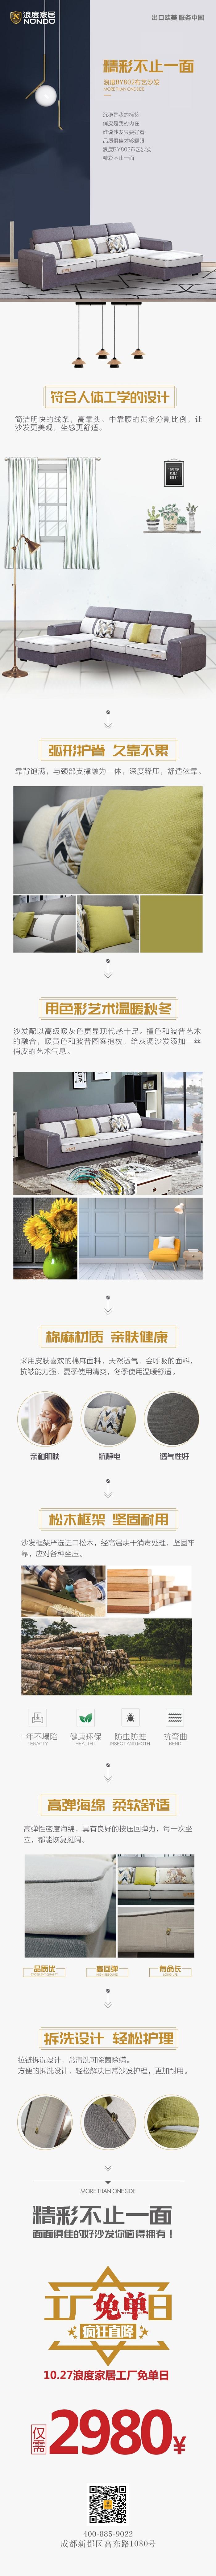 布艺沙发长图1.jpg